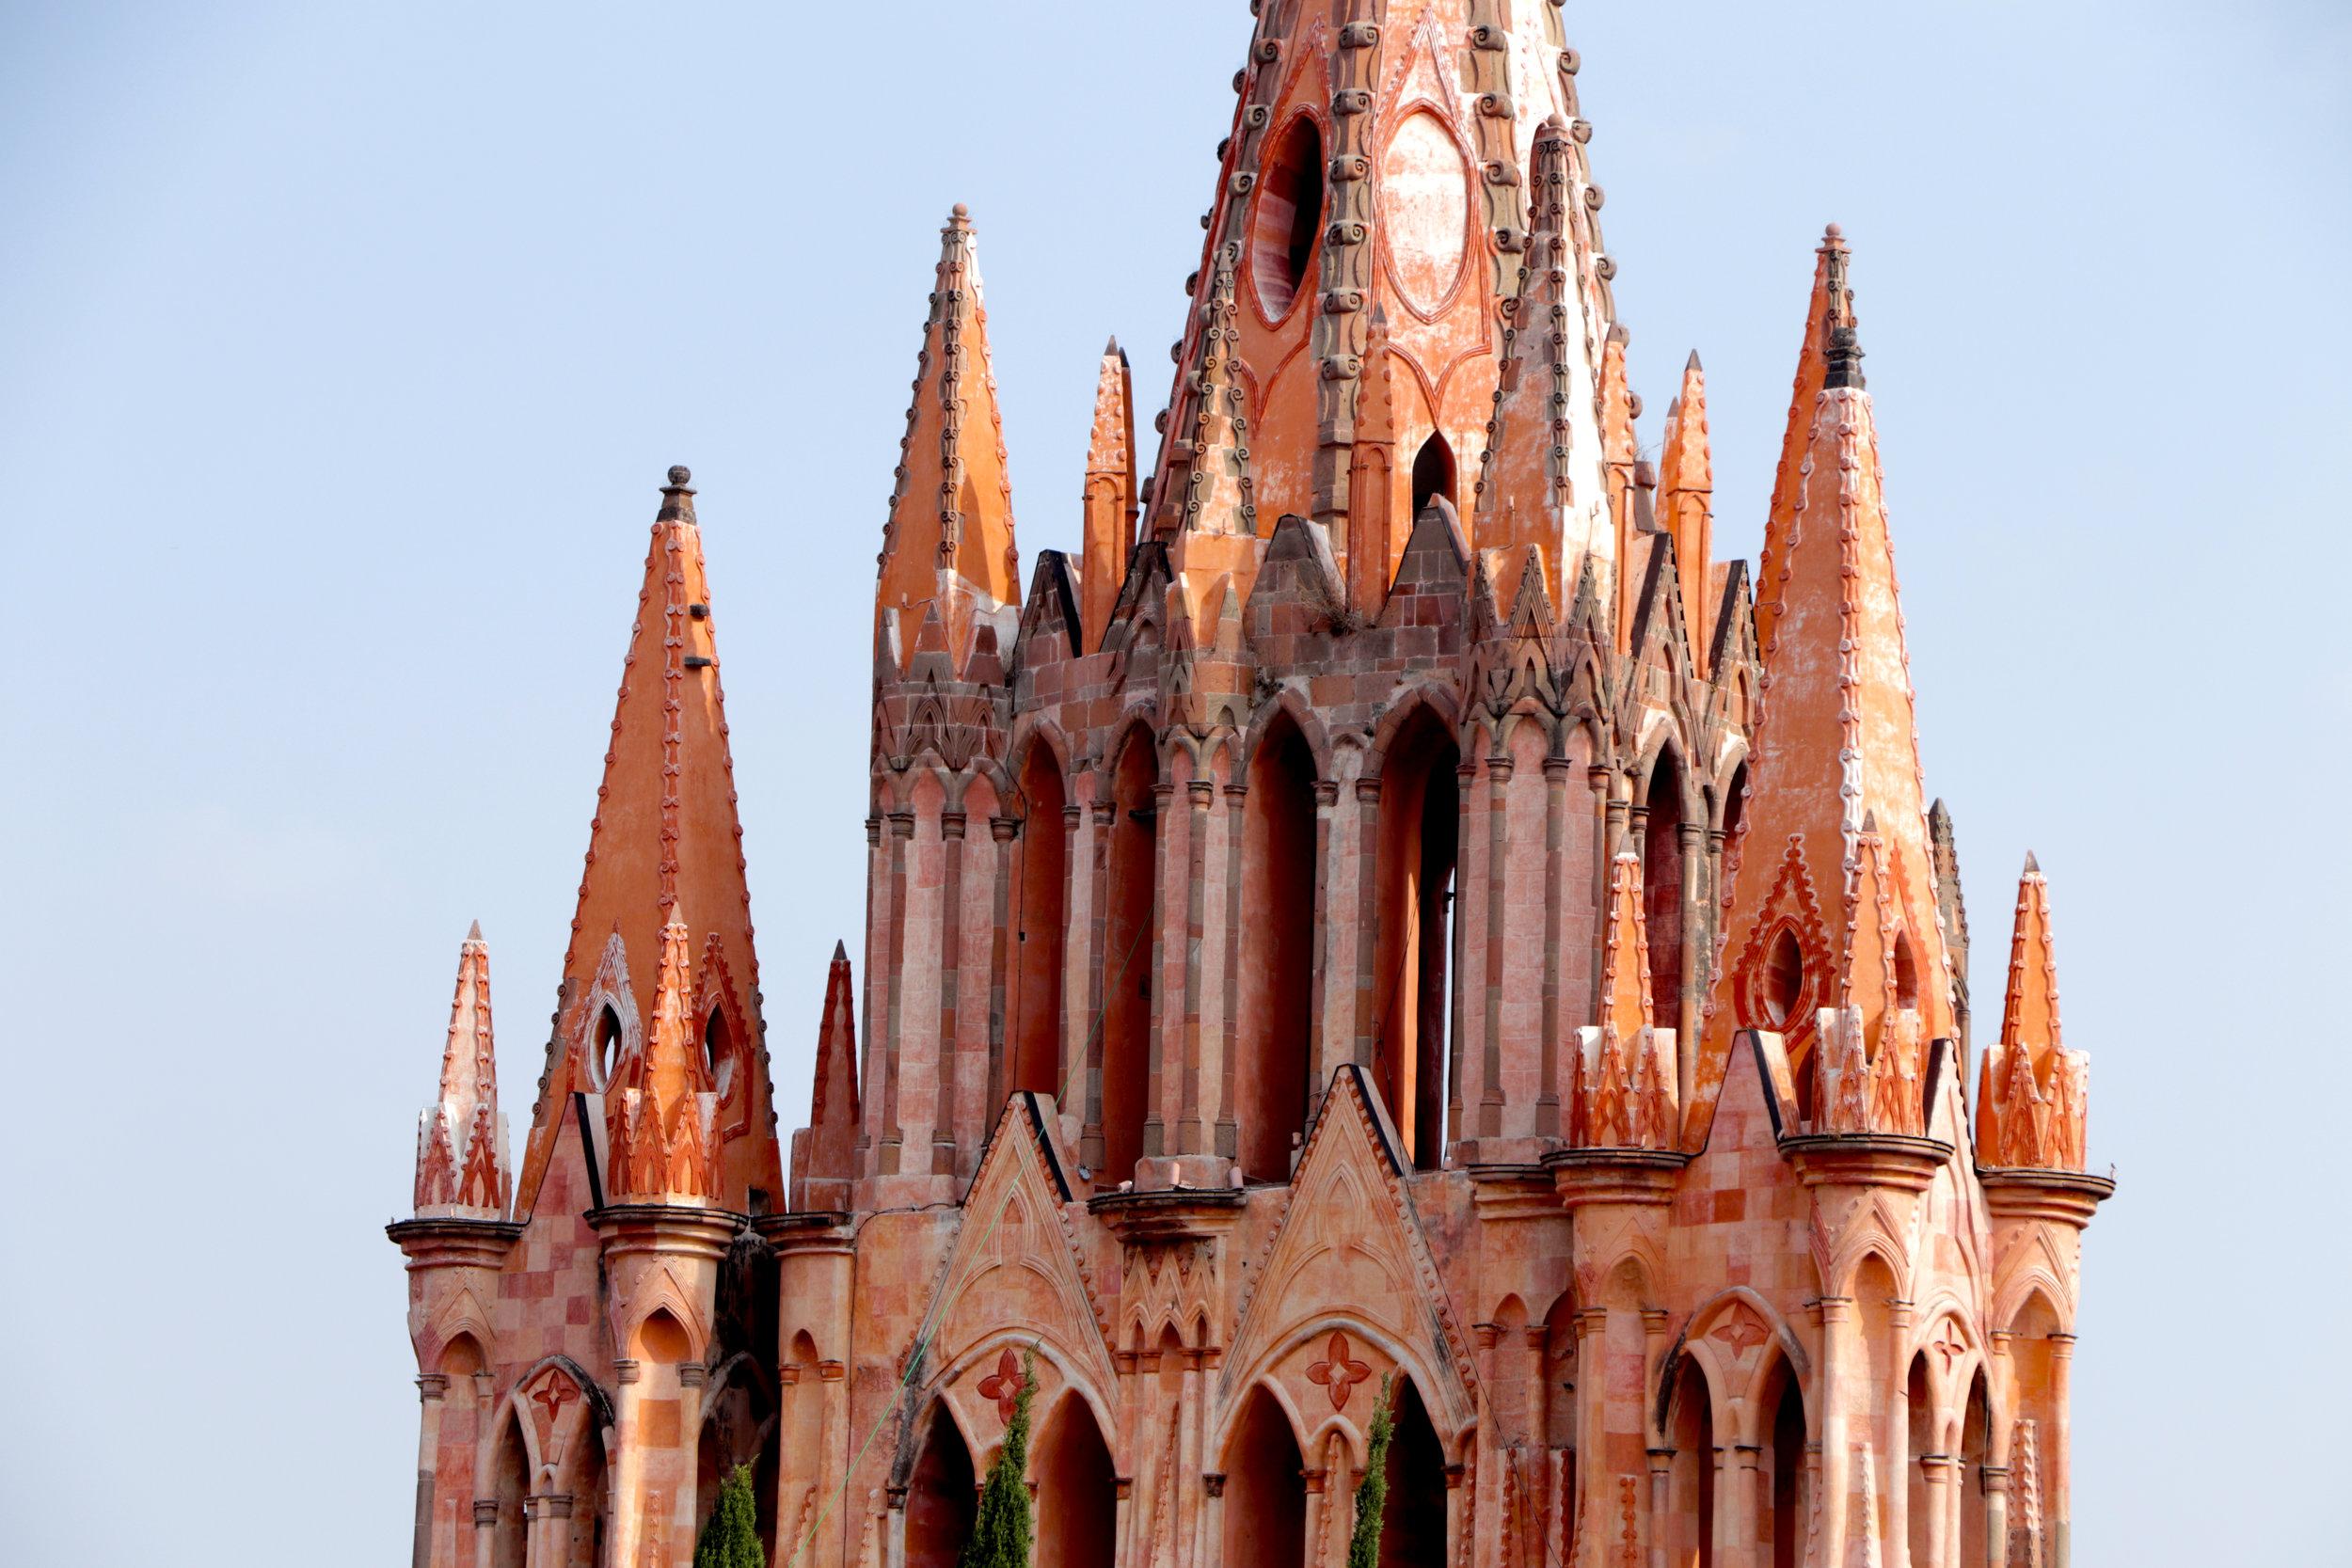 city of arts - San Miguel de Allende